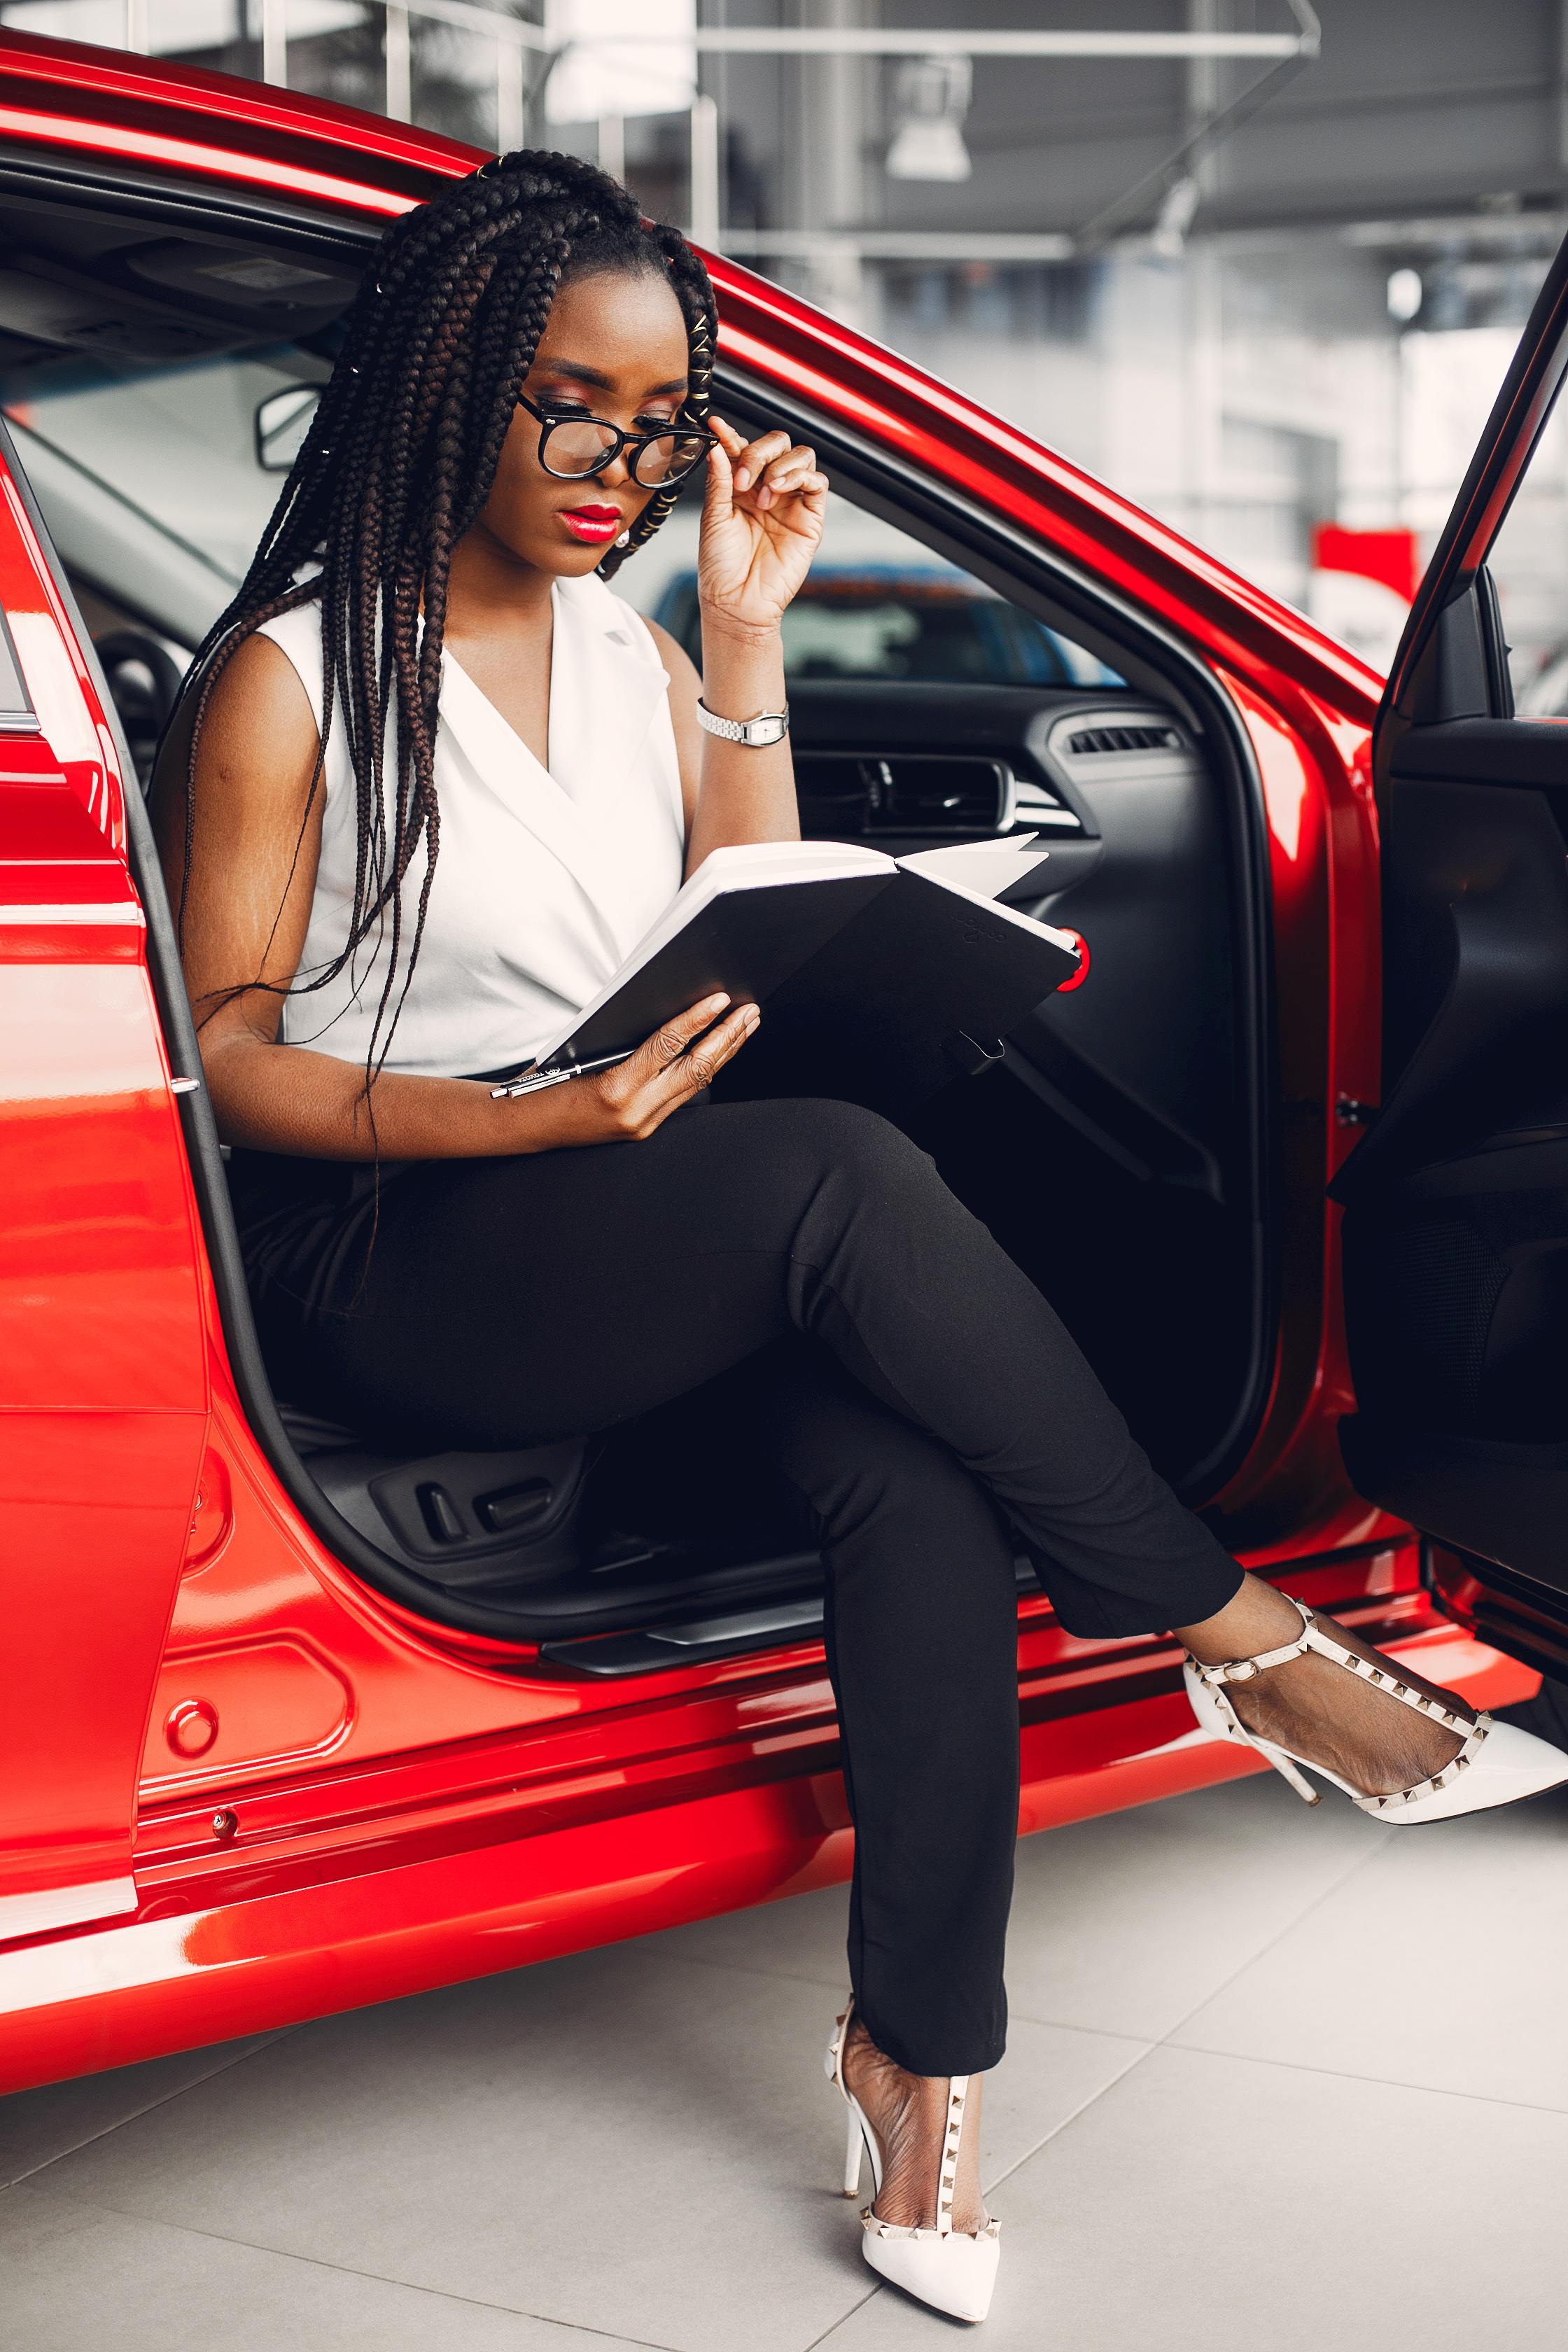 stylish-black-woman-in-a-car-salon-B8CK7FE.jpg